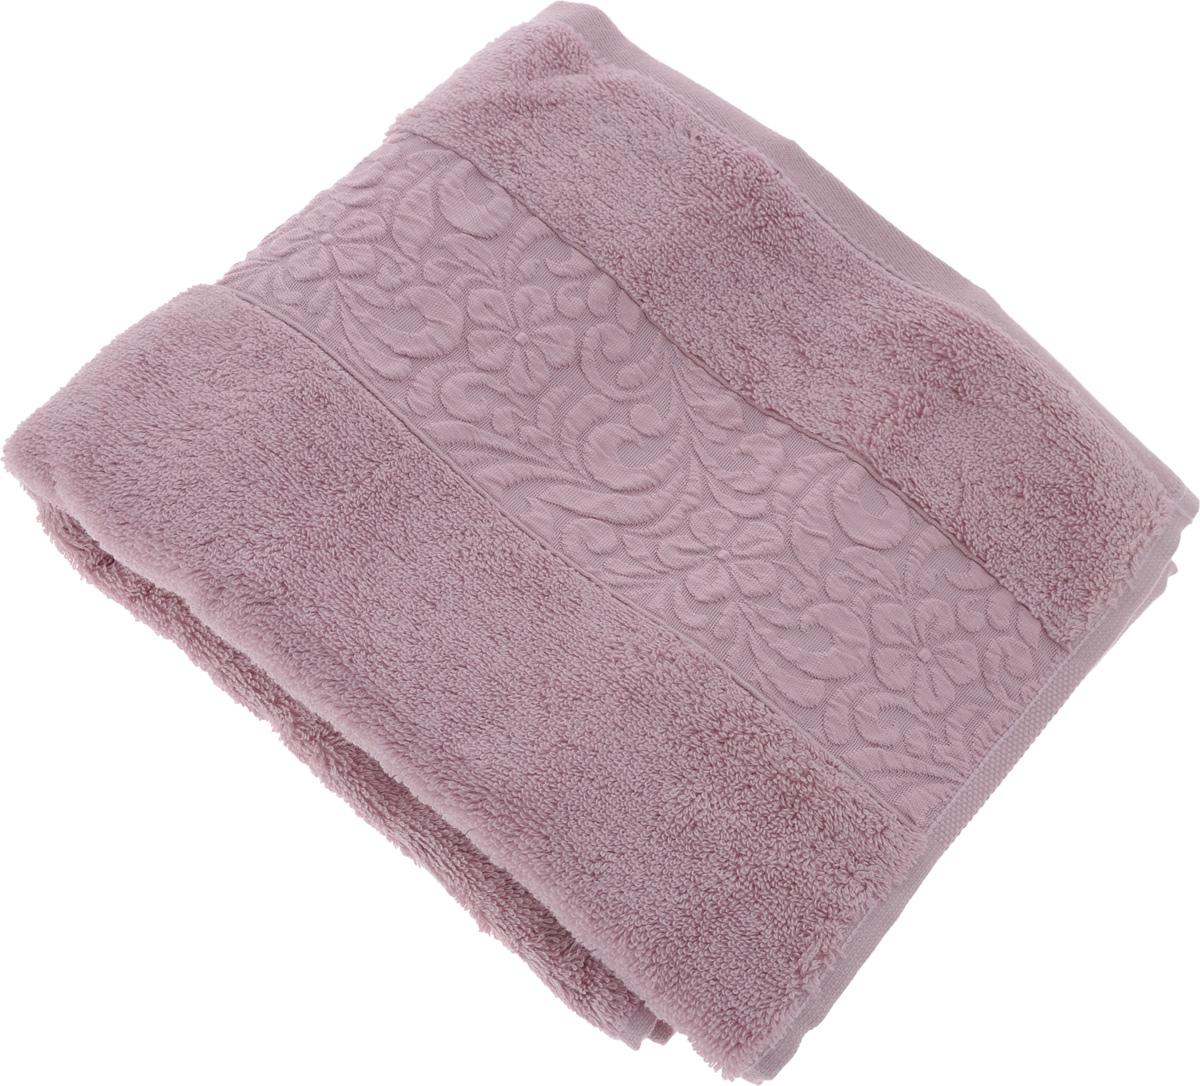 Полотенце бамбуковое Issimo Home Valencia, цвет: светло-пурпурный, 50 x 90 см10503Полотенце Issimo Home Valencia выполнено из 60% бамбукового волокна и 40% хлопка. Таким полотенцем не нужно вытираться - только коснитесь кожи - и ткань сама все впитает. Такая ткань впитывает в 3 раза лучше, чем хлопок.Несмотря на высокую плотность, полотенце быстро сохнет, остается легкими даже при намокании.Изделие имеет красивый жаккардовый бордюр, оформленный цветочным орнаментом. Благородные, классические тона создадут уют и подчеркнут лучшие качества махровой ткани, а сочные, яркие, летние оттенки создадут ощущение праздника и наполнят дом энергией. Красивая, стильная упаковка этого полотенца делает его уже готовым подарком к любому случаю.